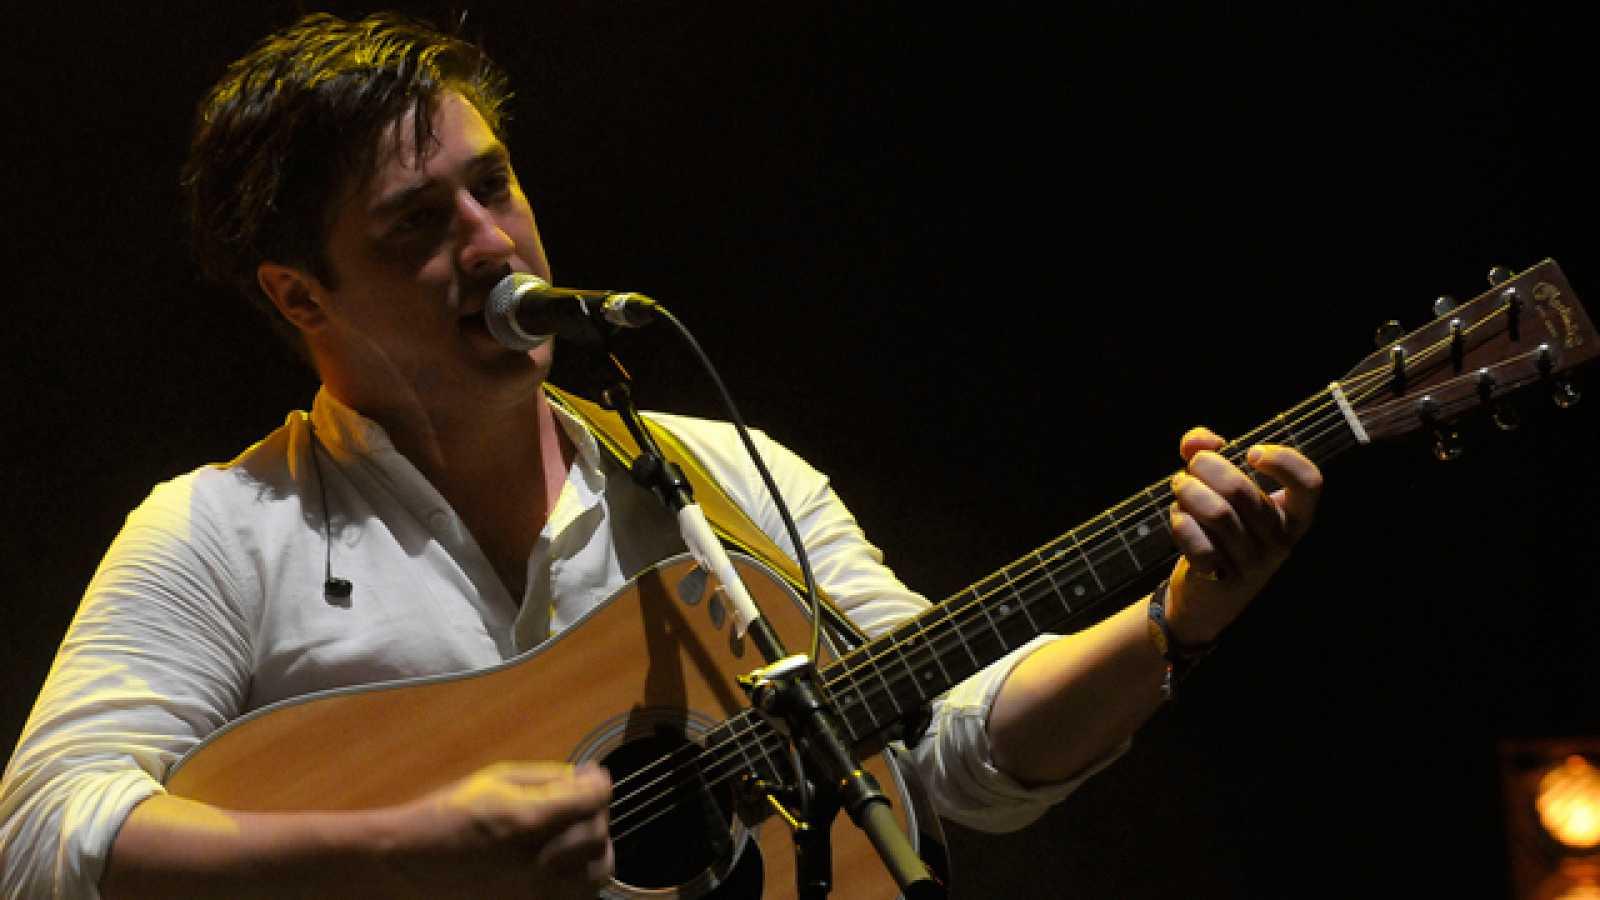 La banda británica desplegó su mejor folk de raíces celtas en el escenario Maravillas en la noche del sábado (16.07.11).